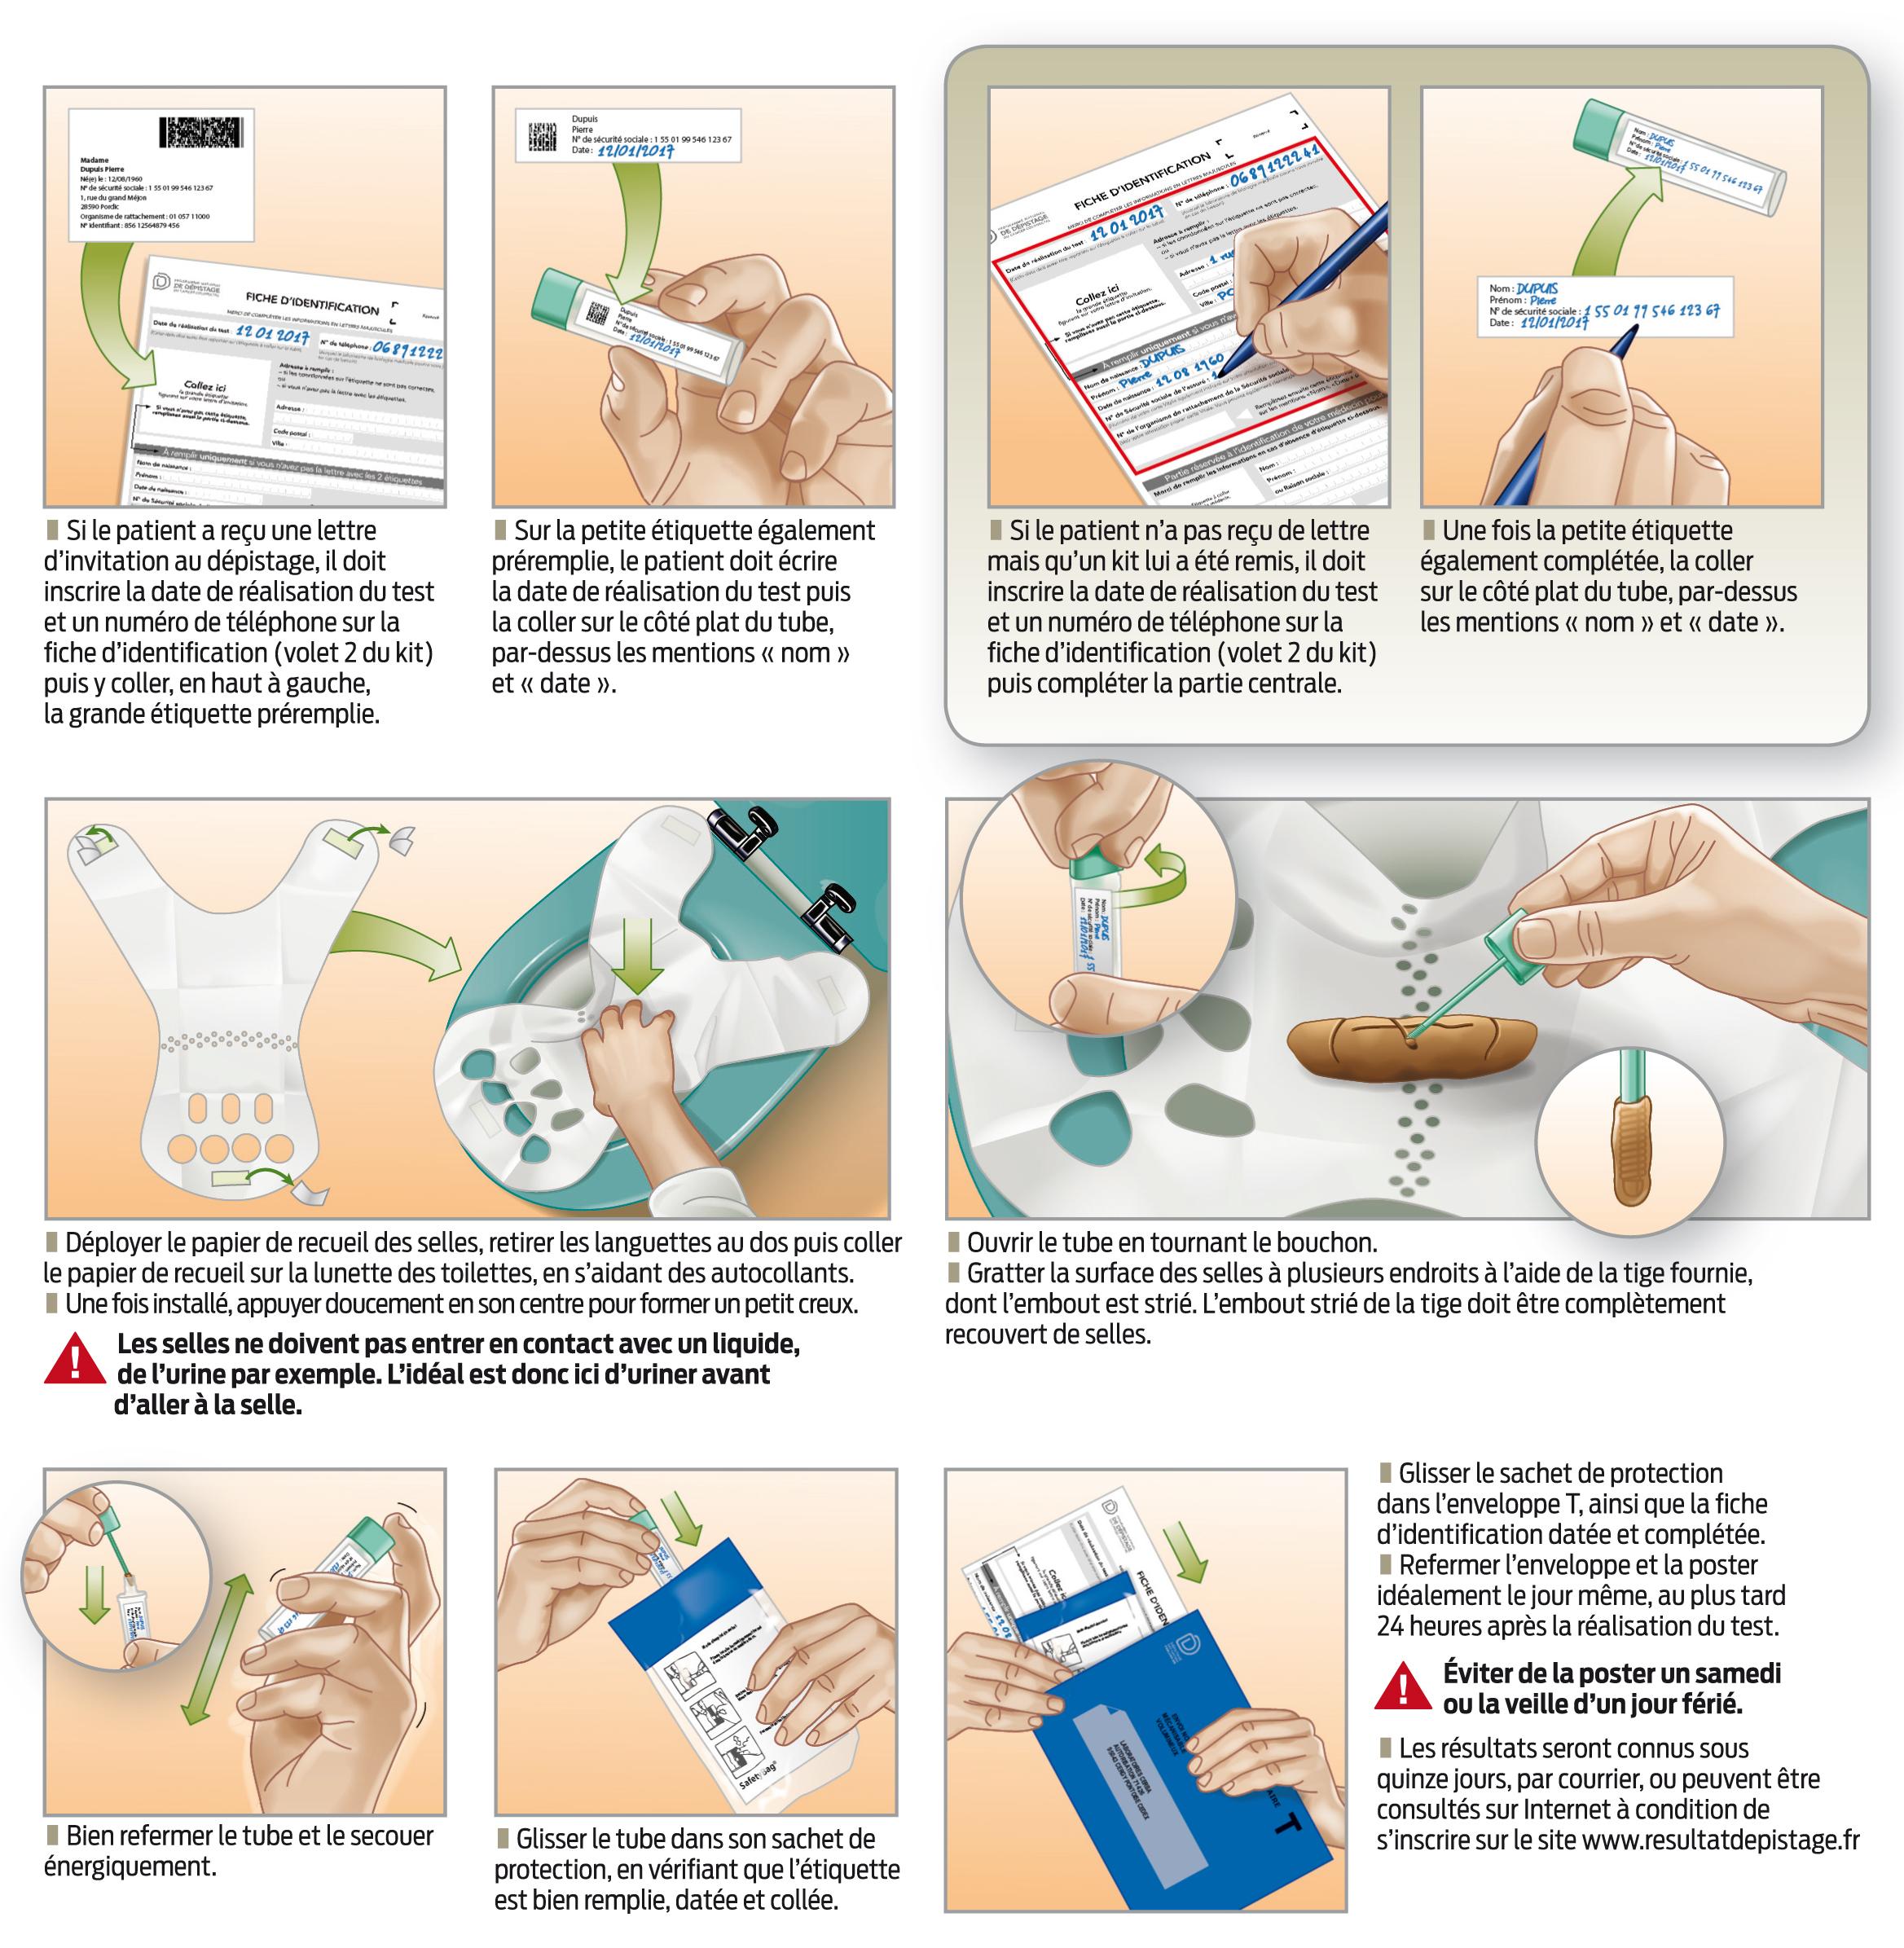 cancer colorectal kit)